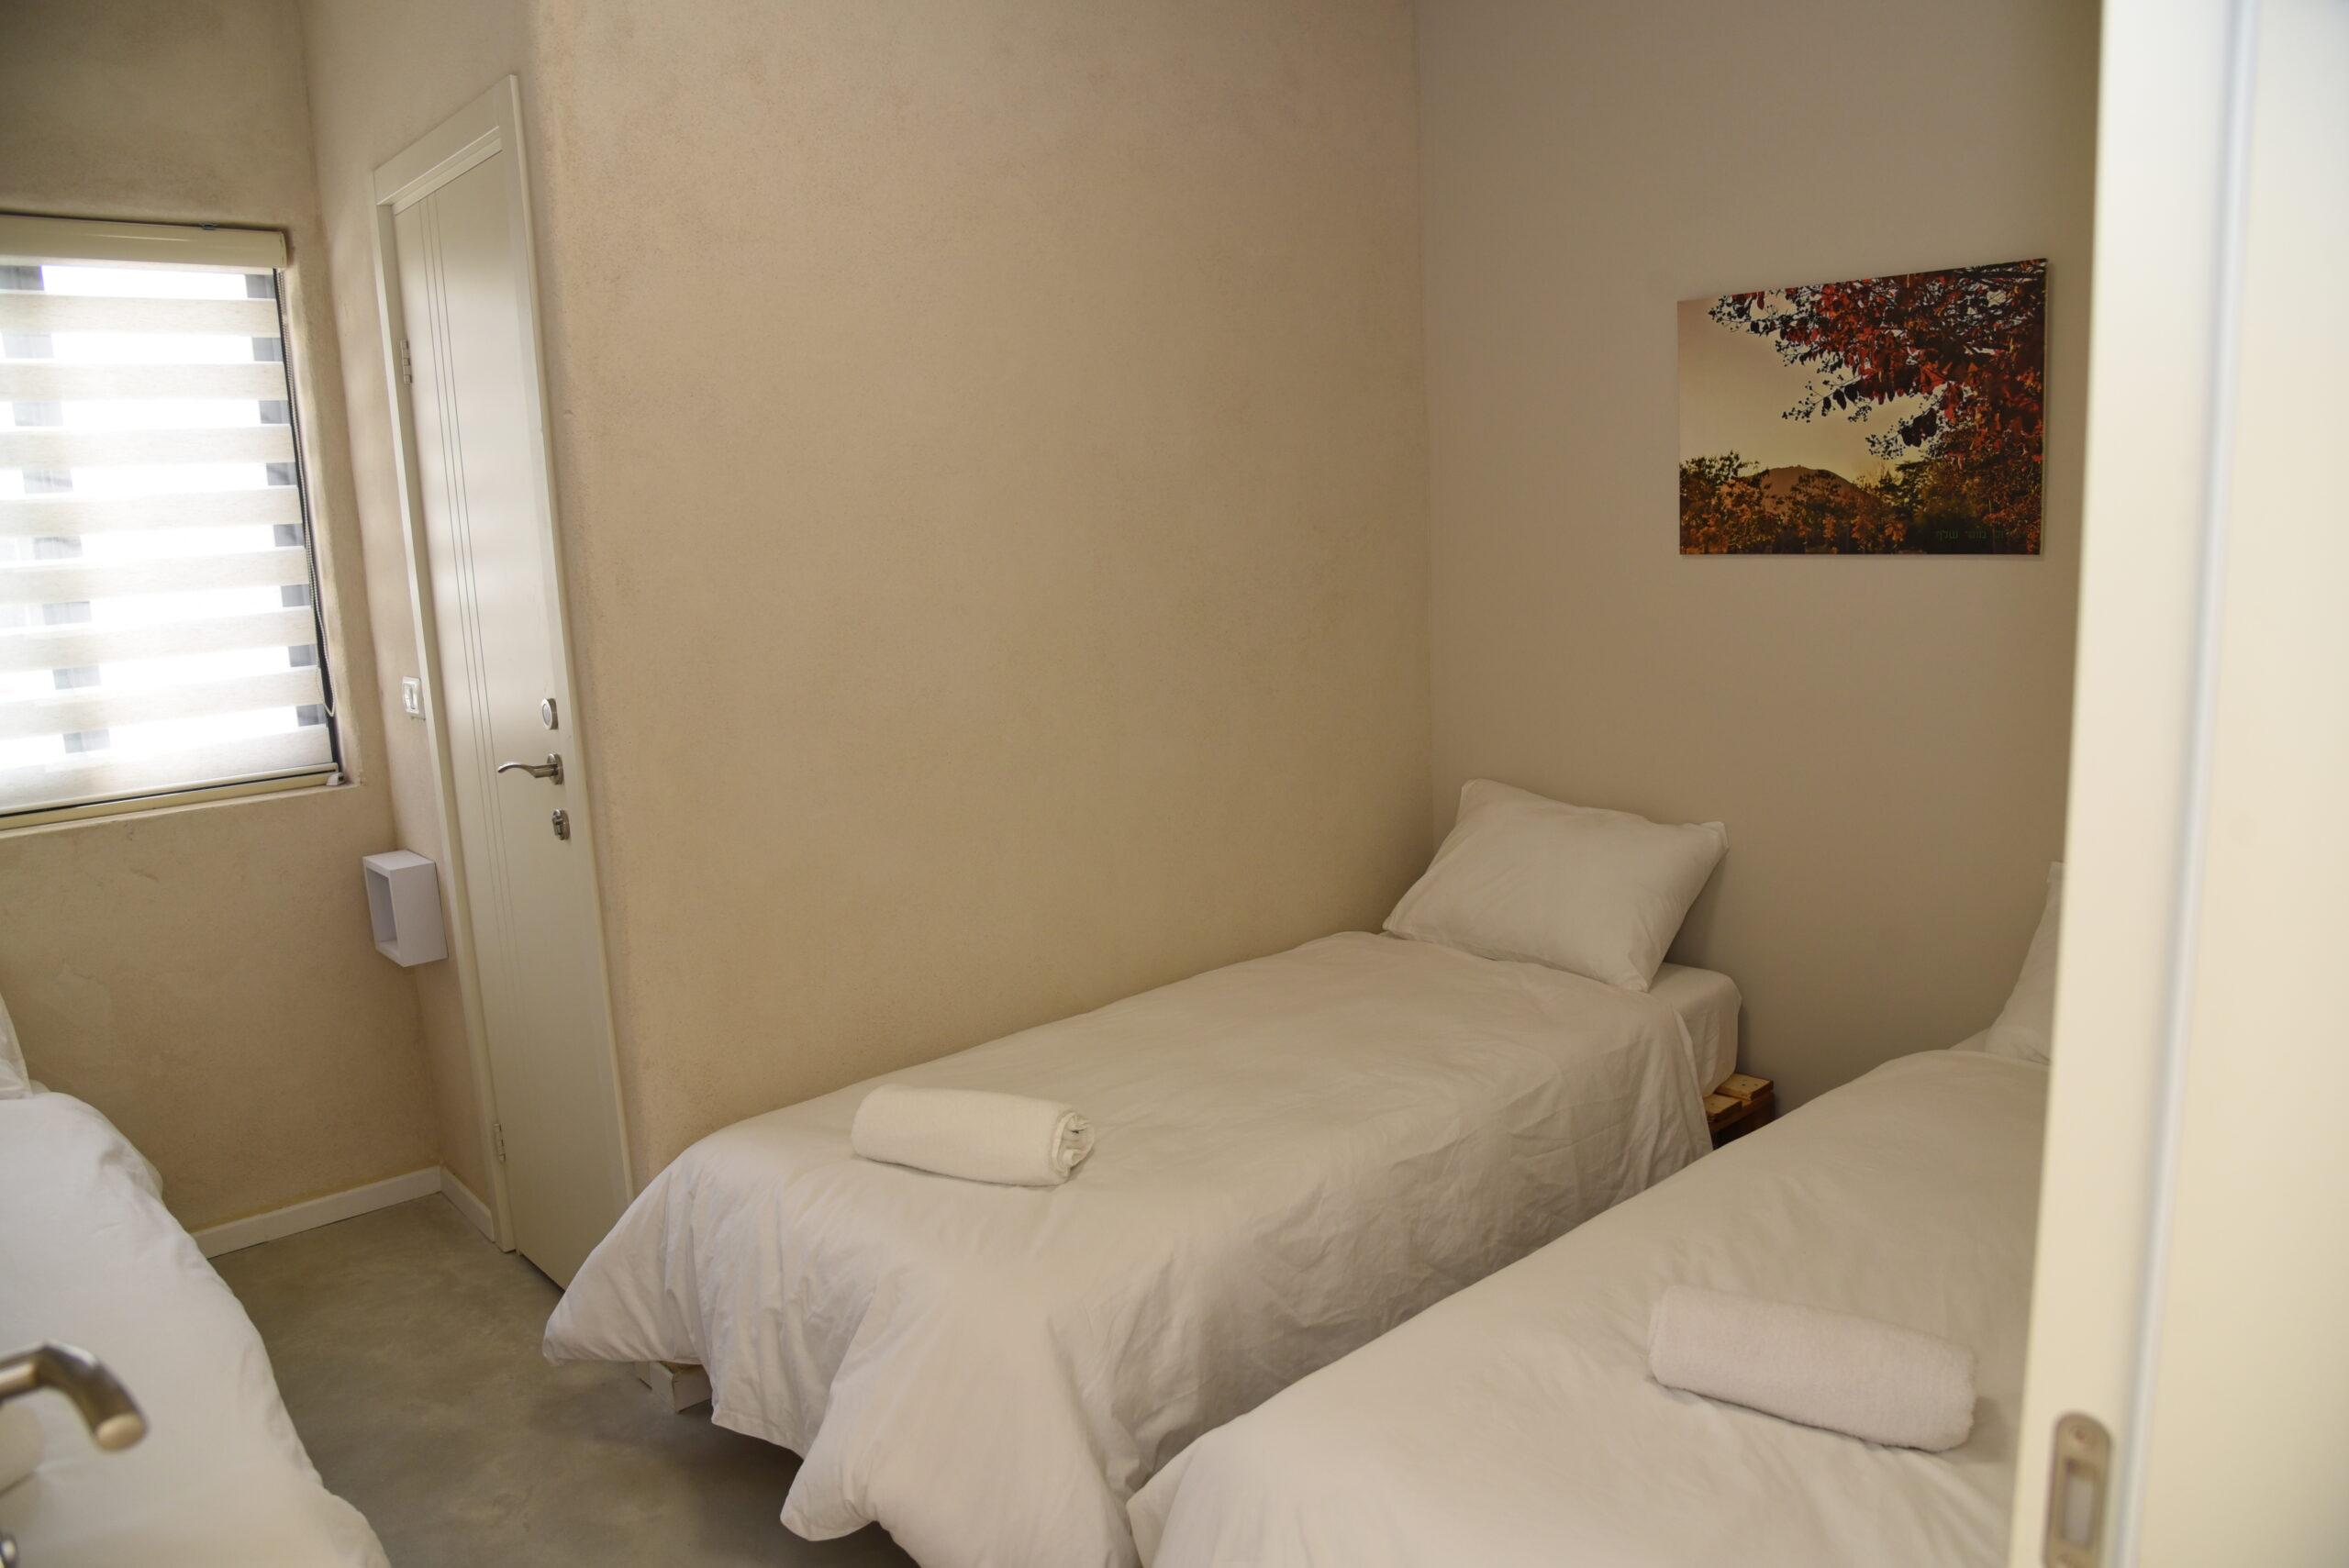 חדר ל-2 בדירת אירוח בצפון